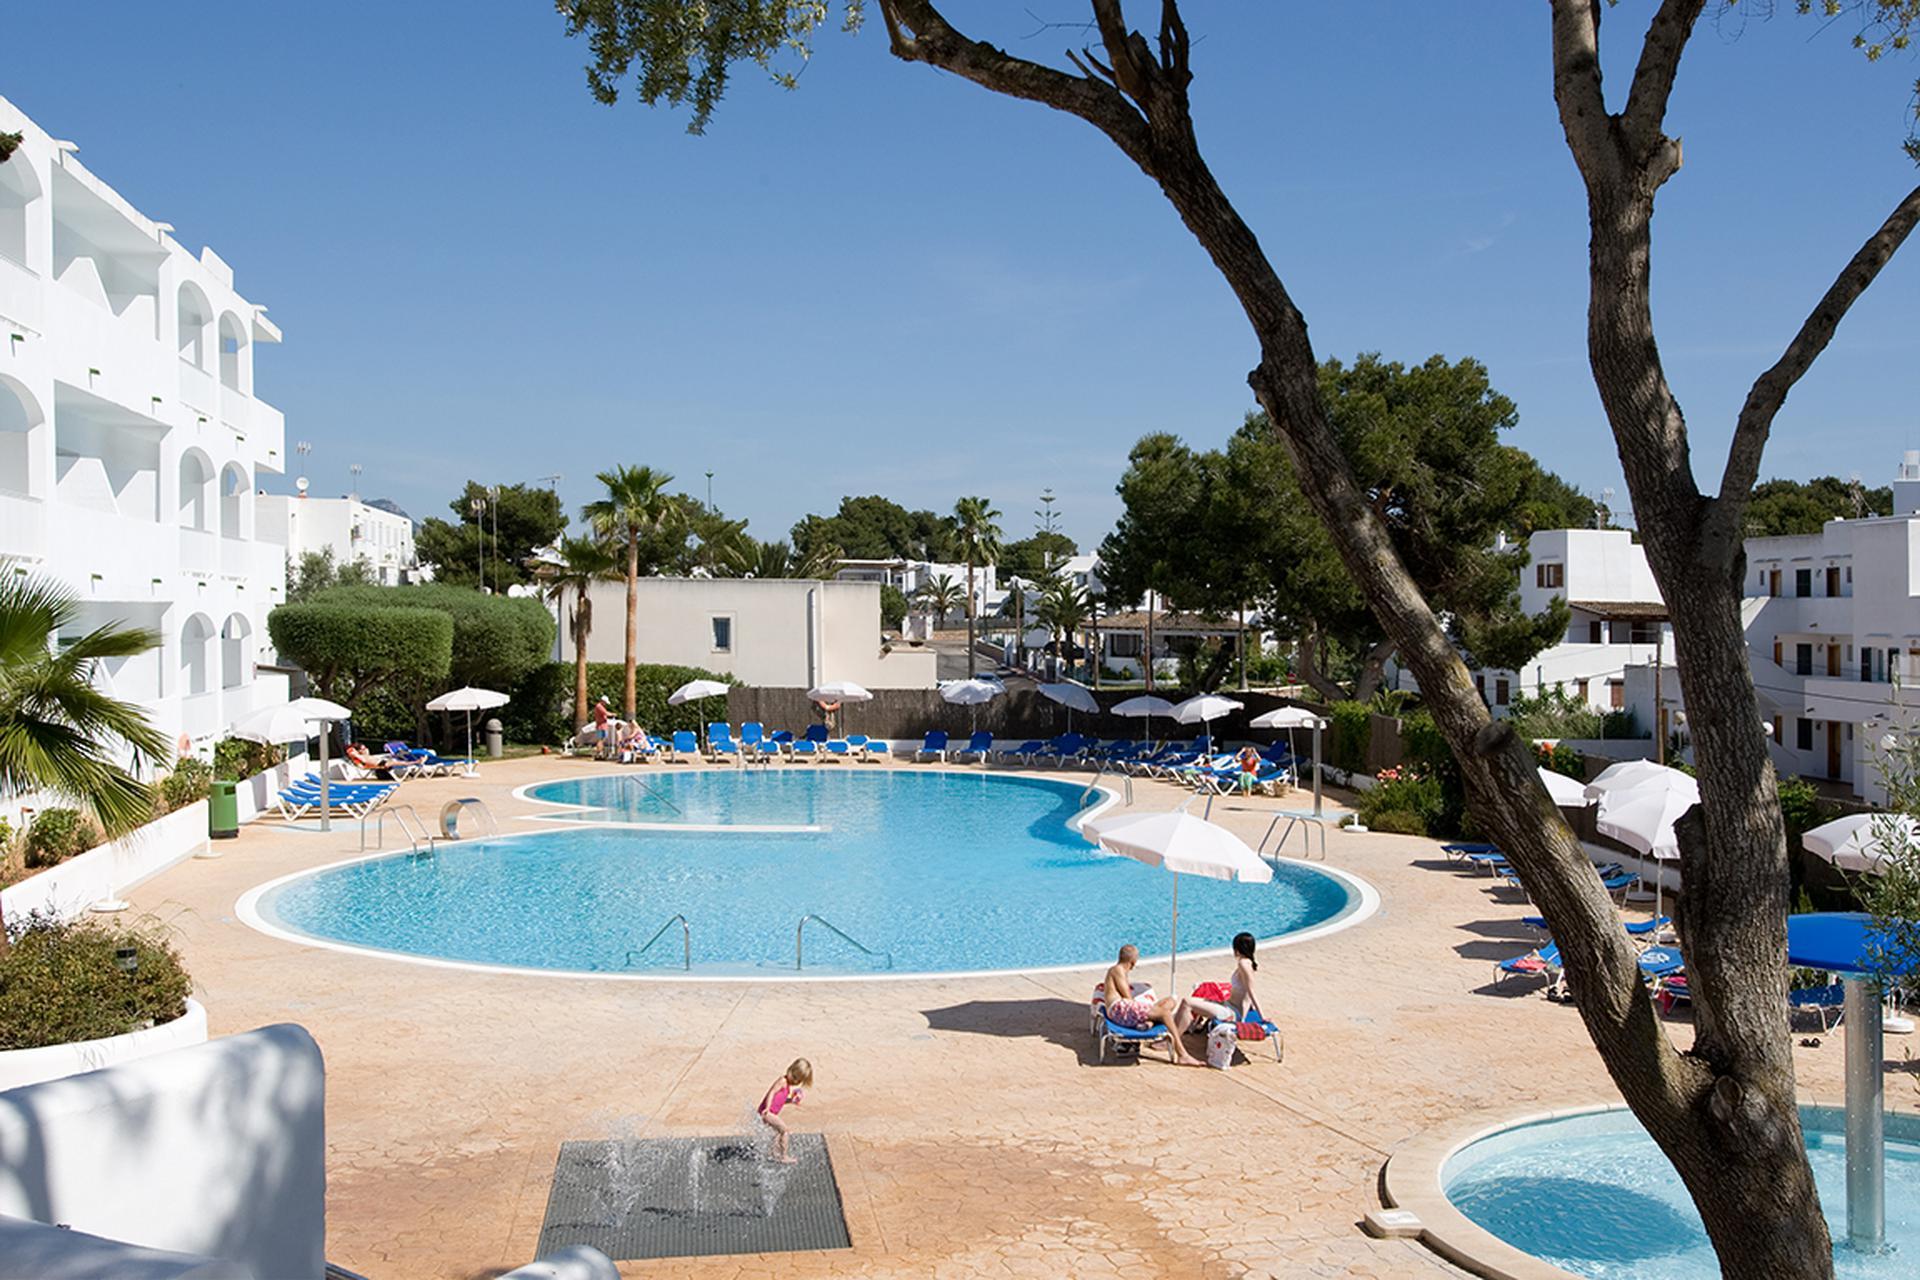 Artementen Gavimar Ariel Chico Club Resort